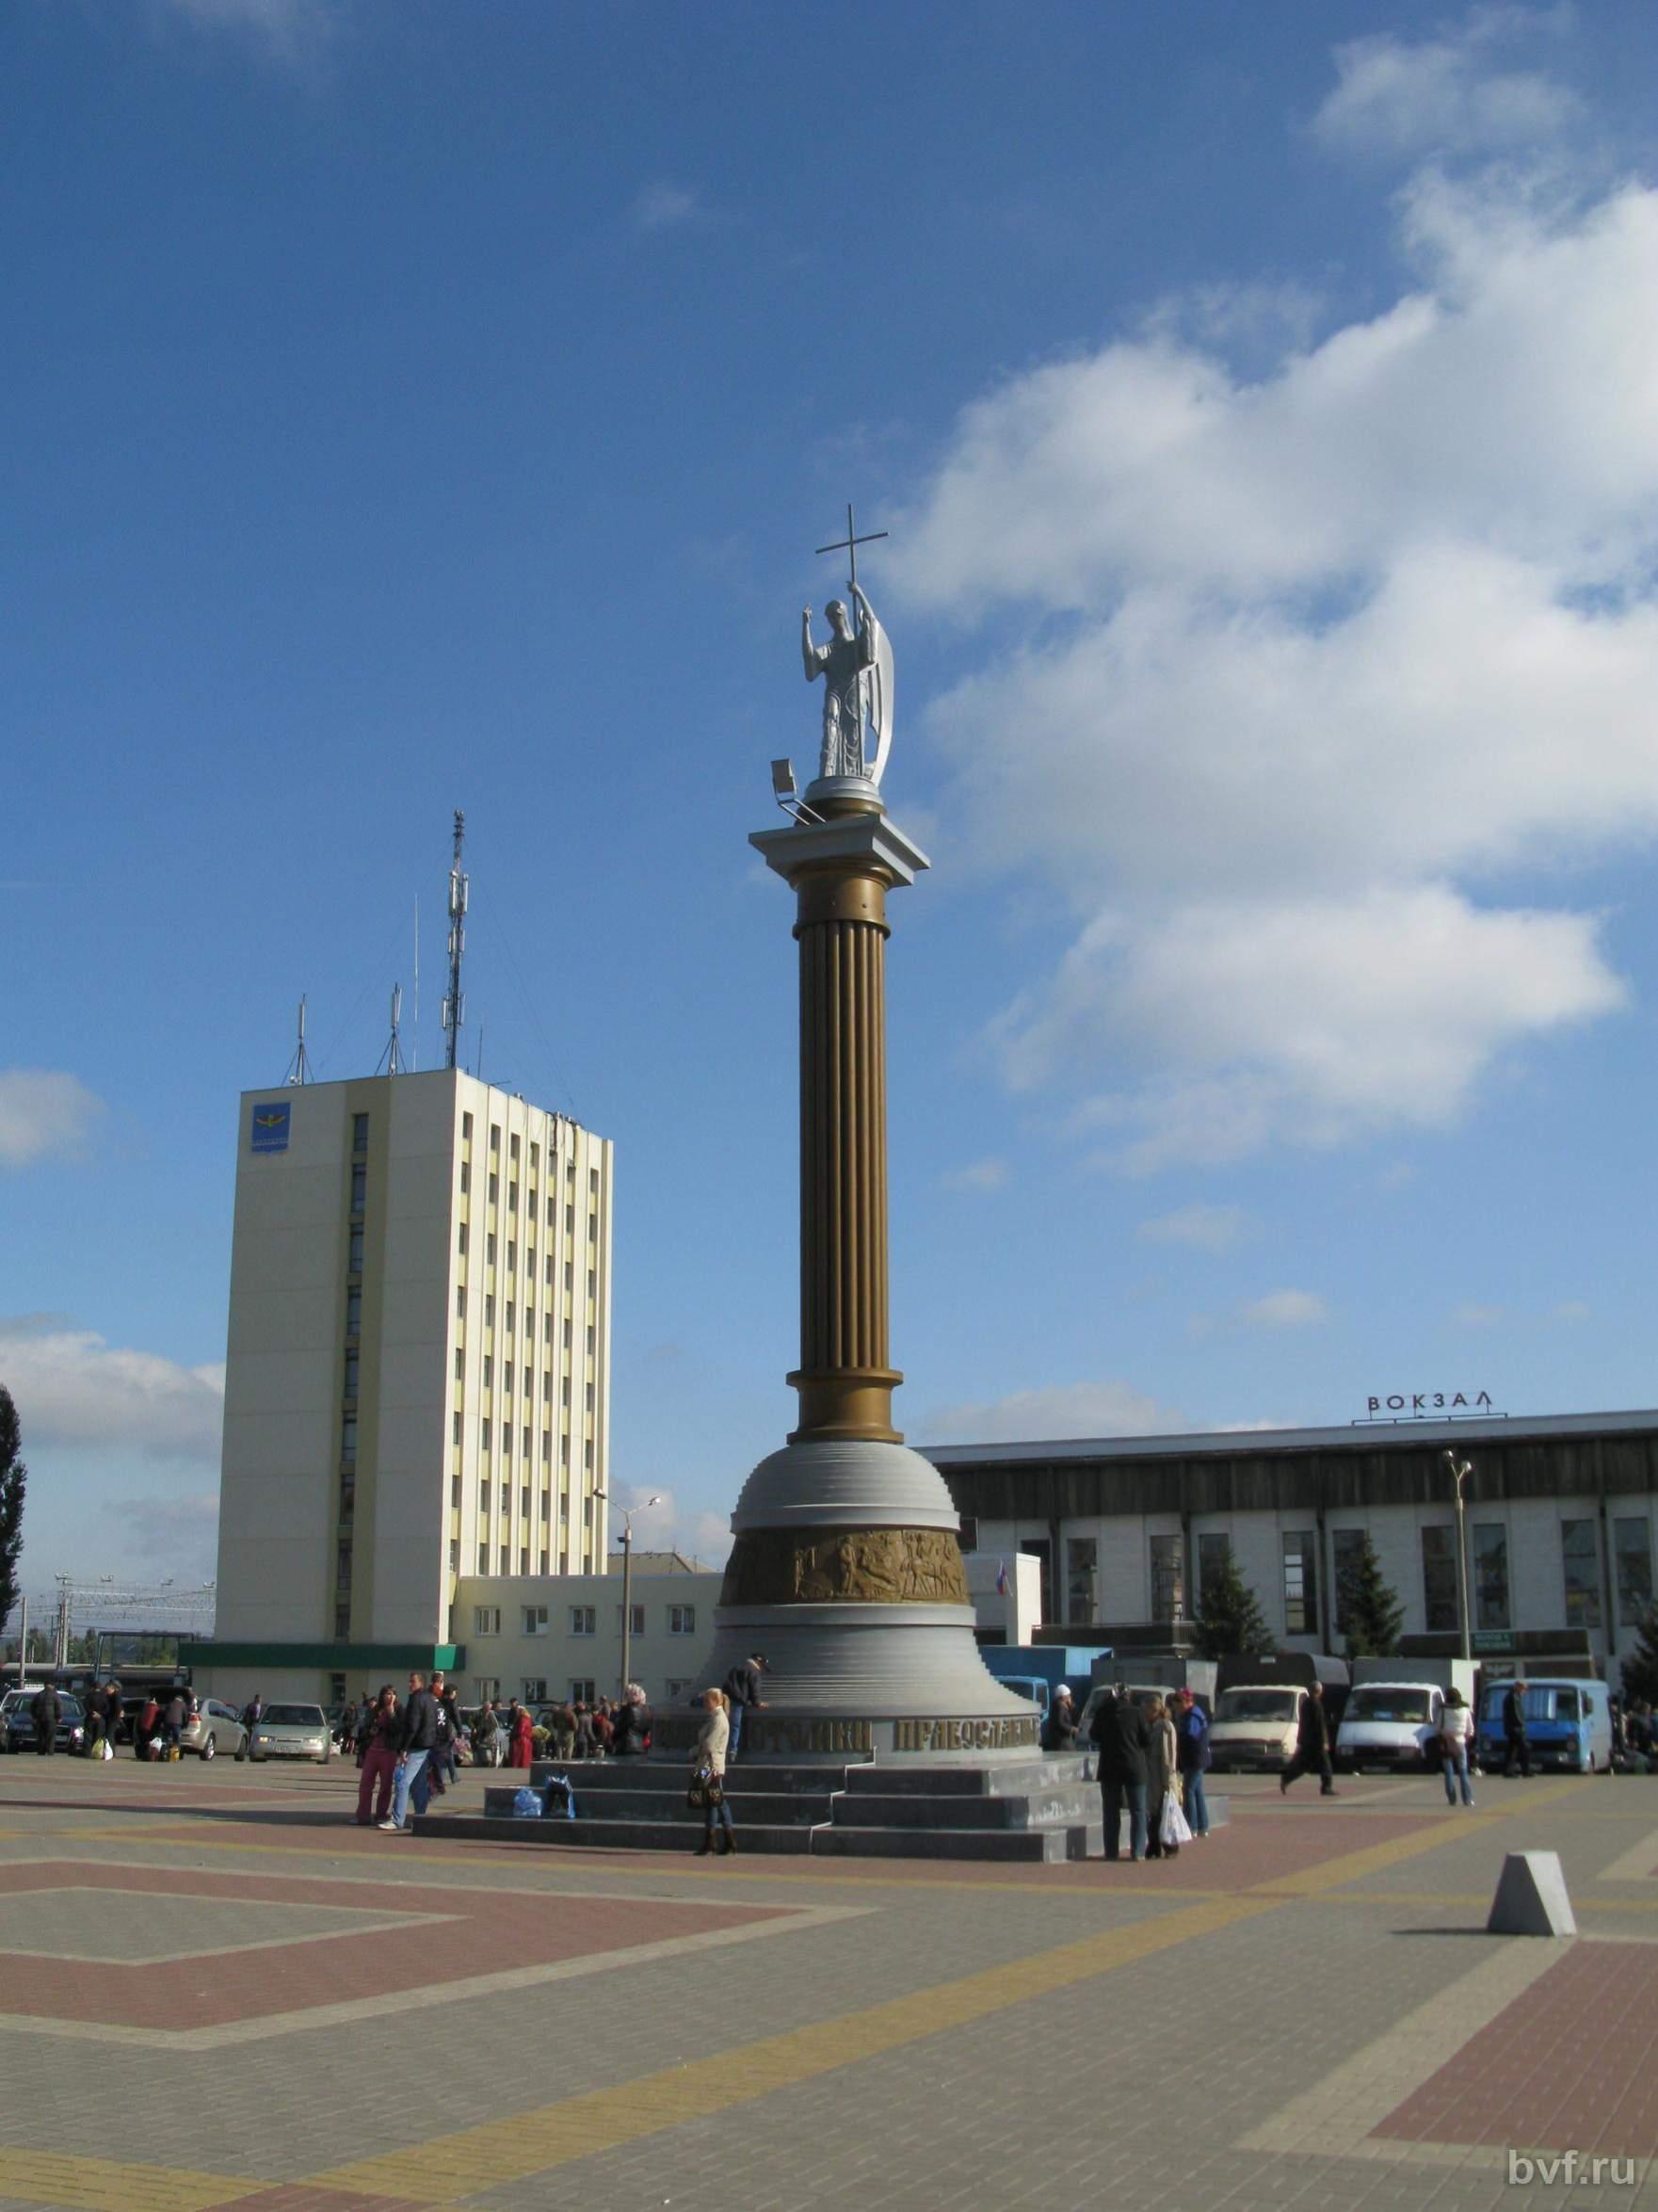 Нажмите на изображение для увеличения Название: Лиски Ангел на вокзальной площади.jpg Просмотров: 22 Размер:221.7 Кб ID:1693509